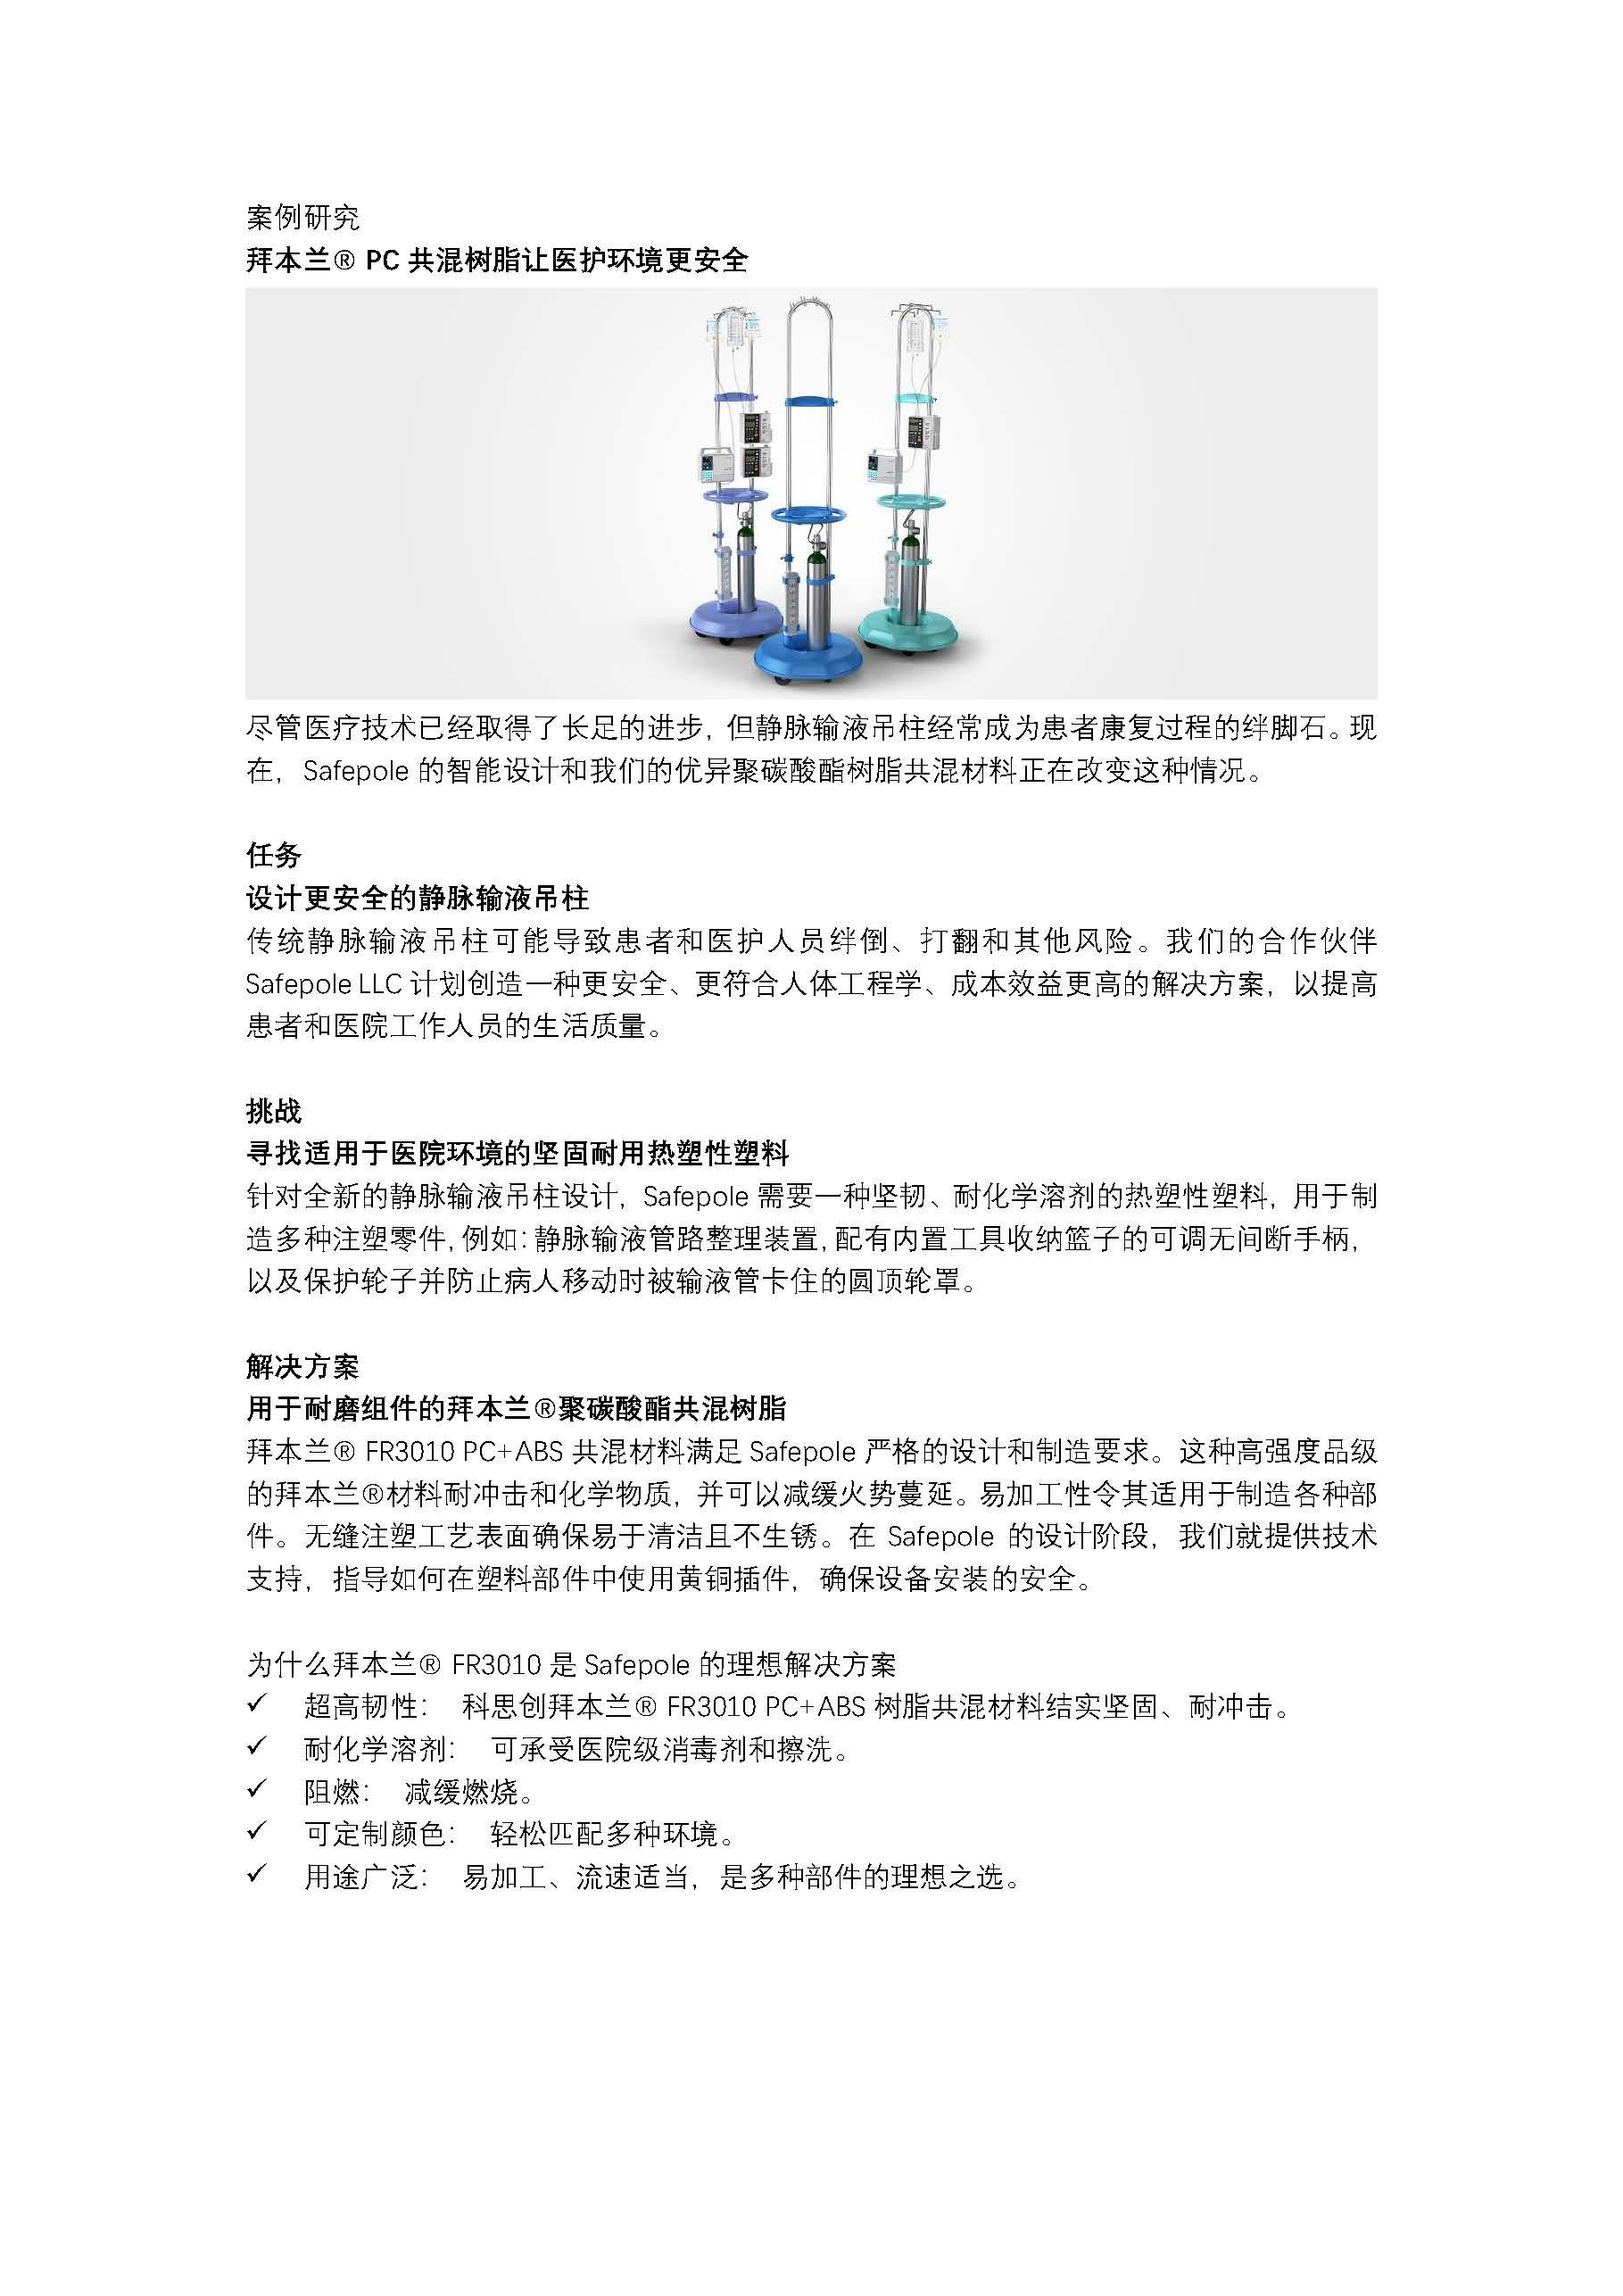 拜本兰® PC共混树脂让医护环境更安全